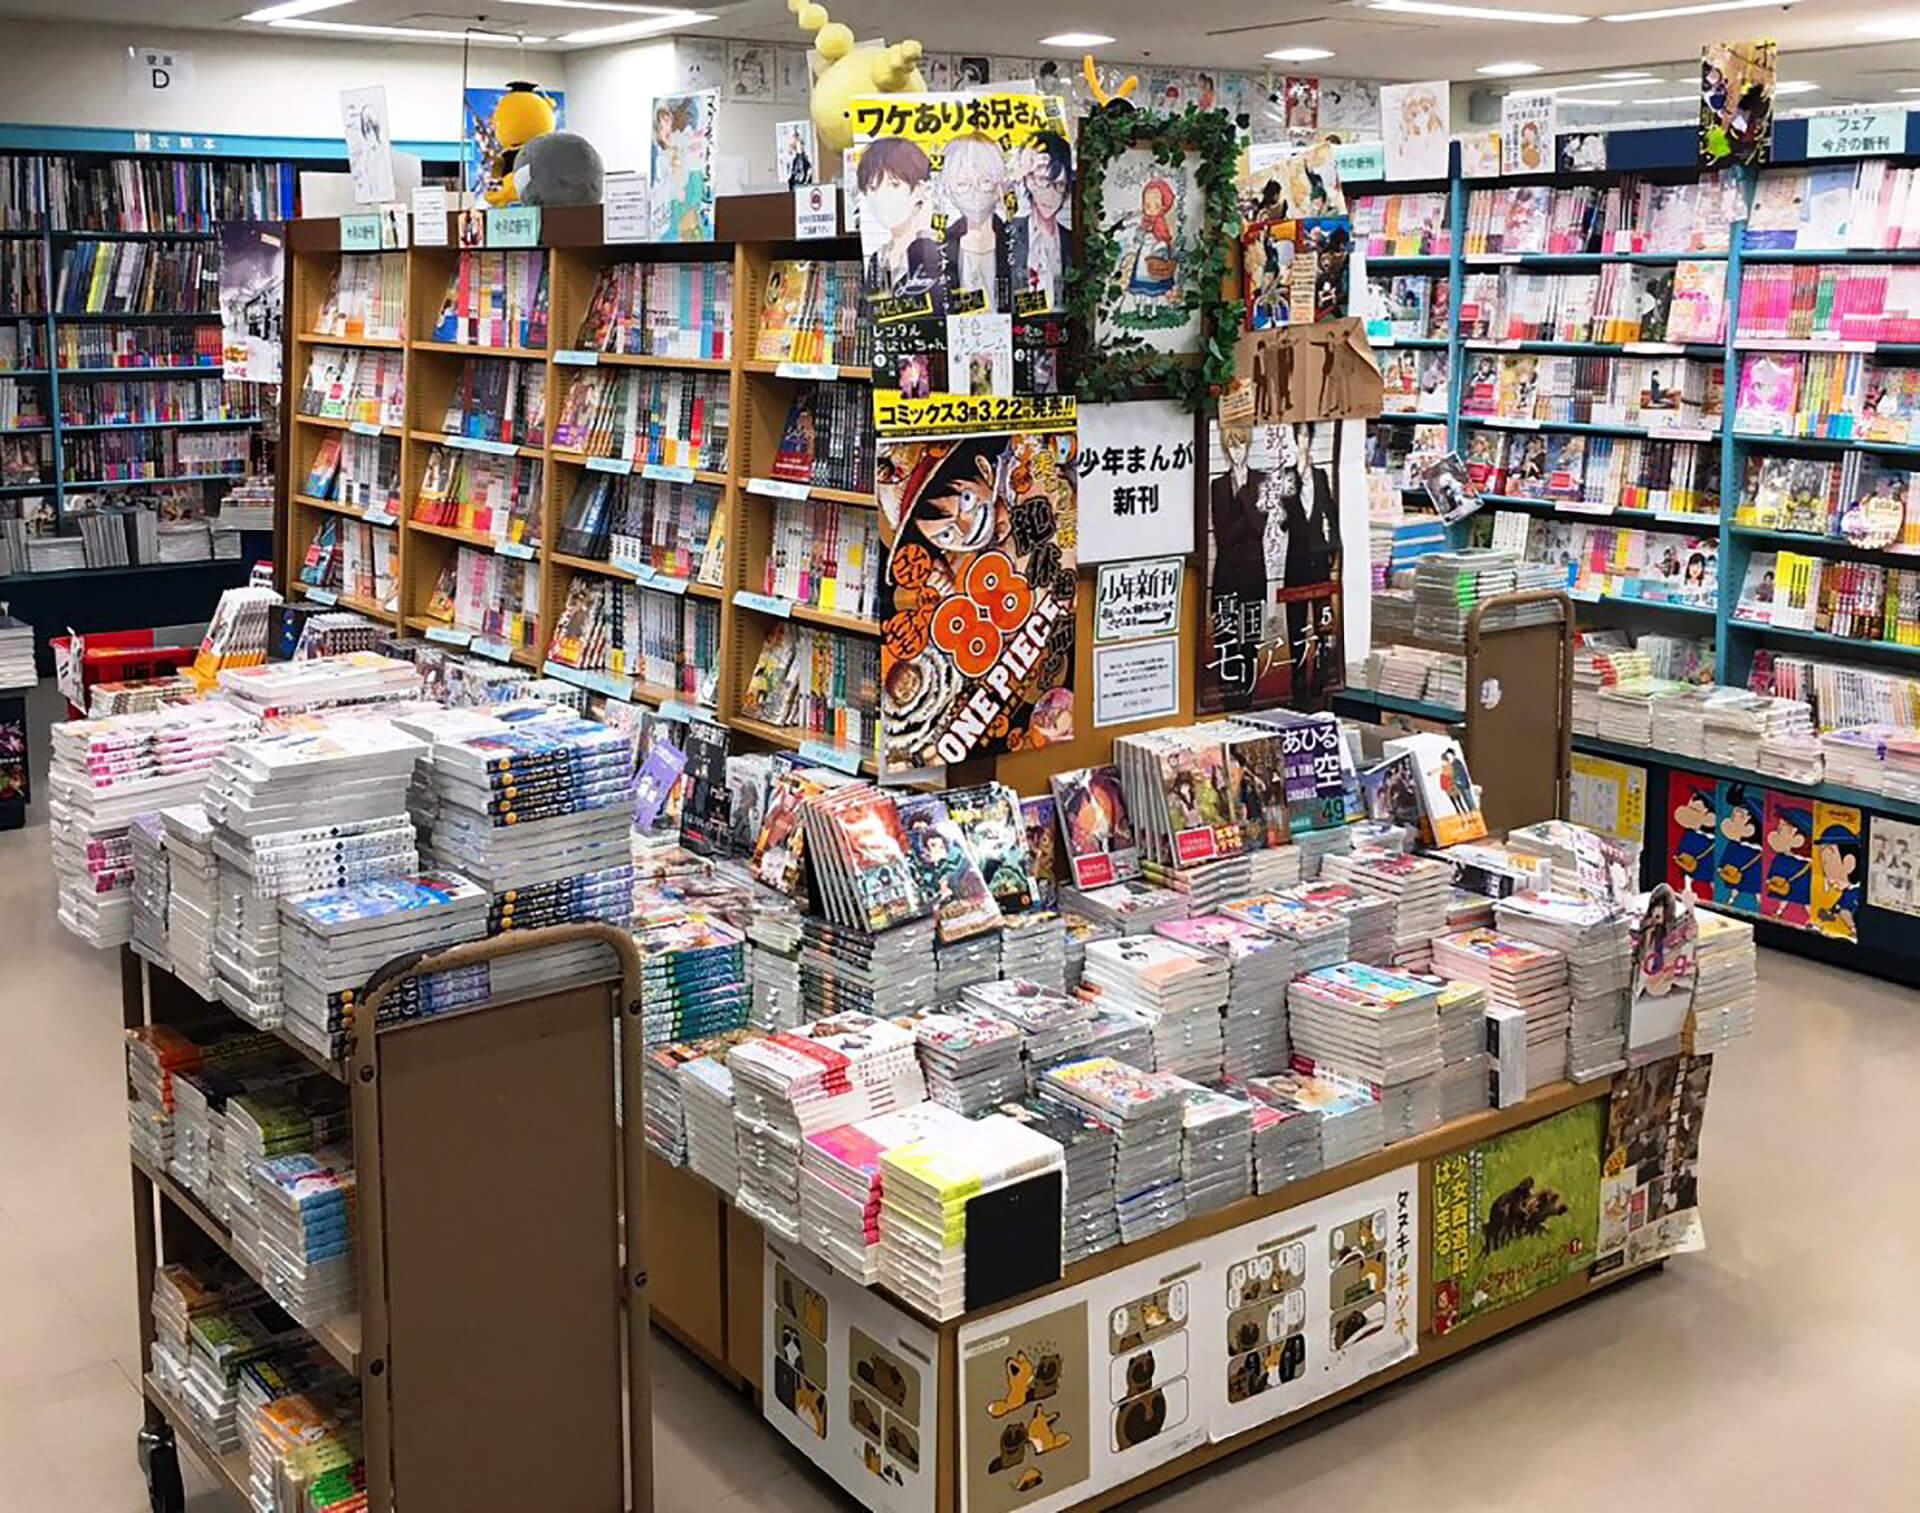 ジュンク堂書店の店内写真